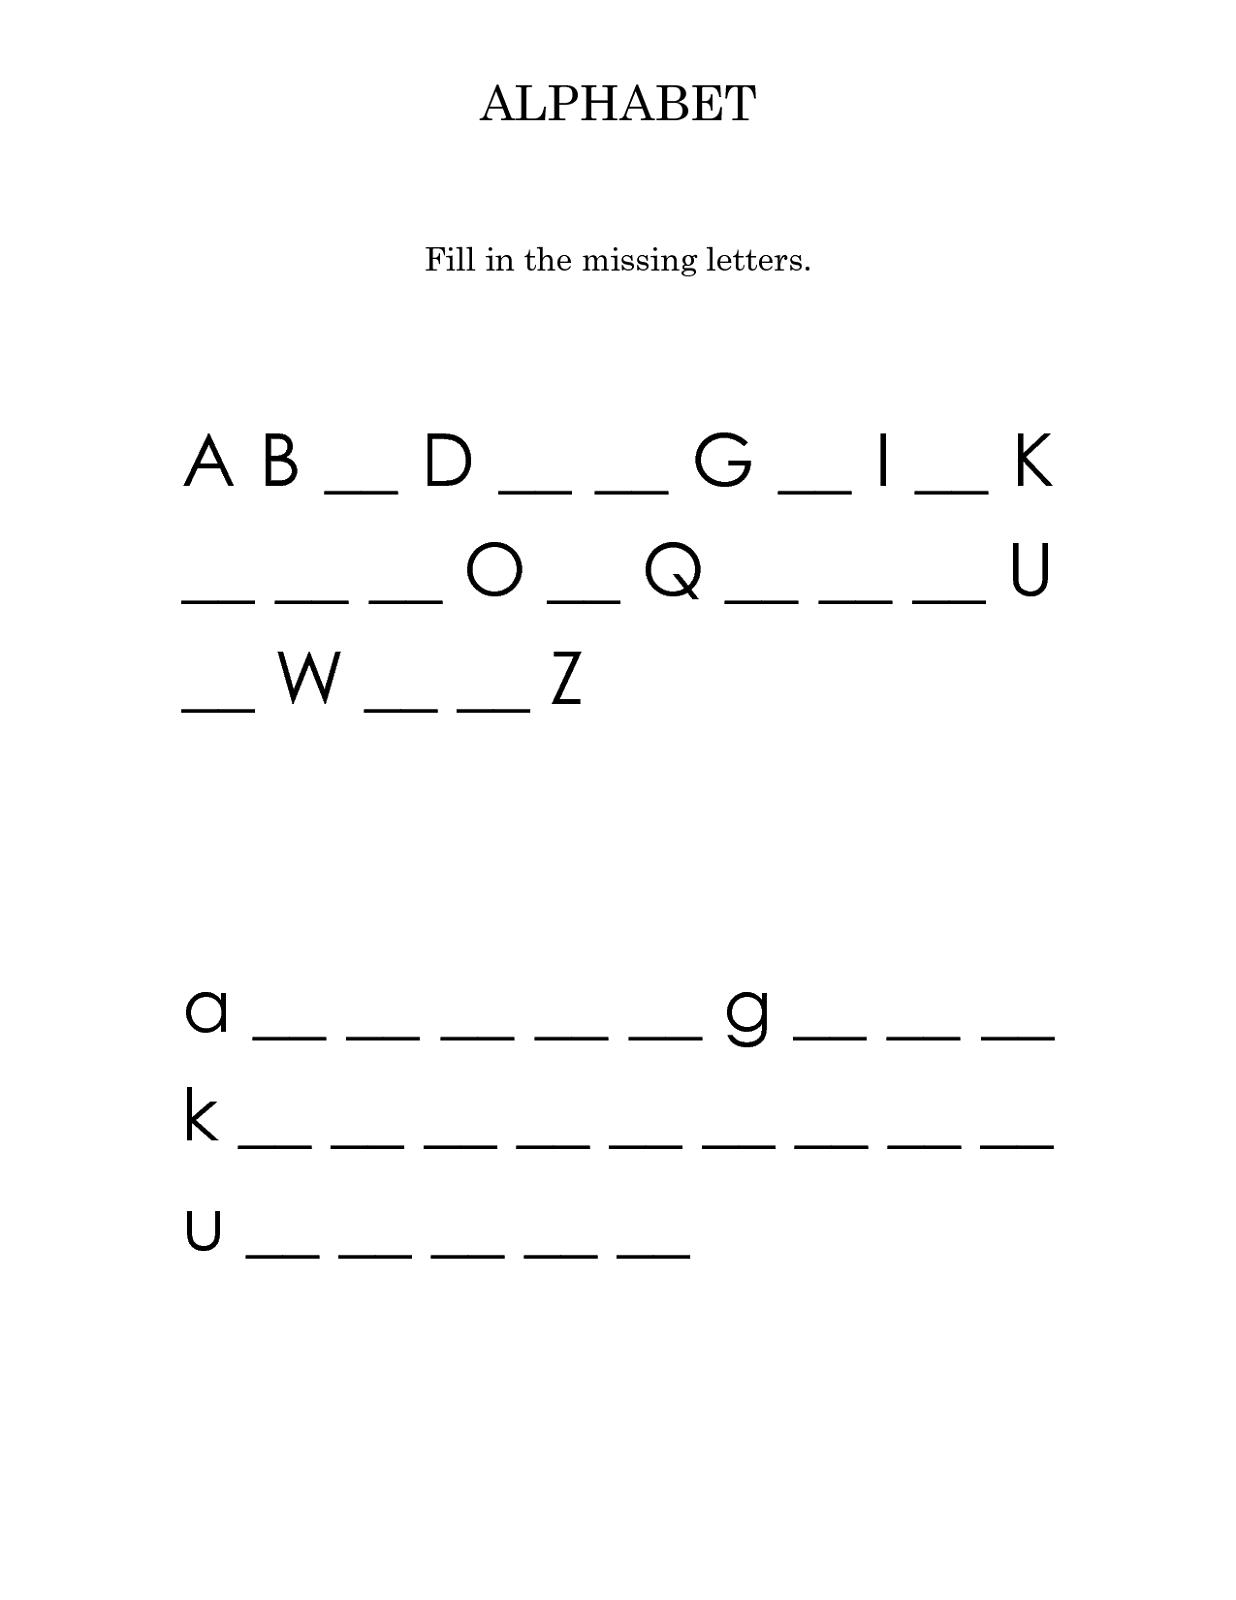 capital letter worksheet for child